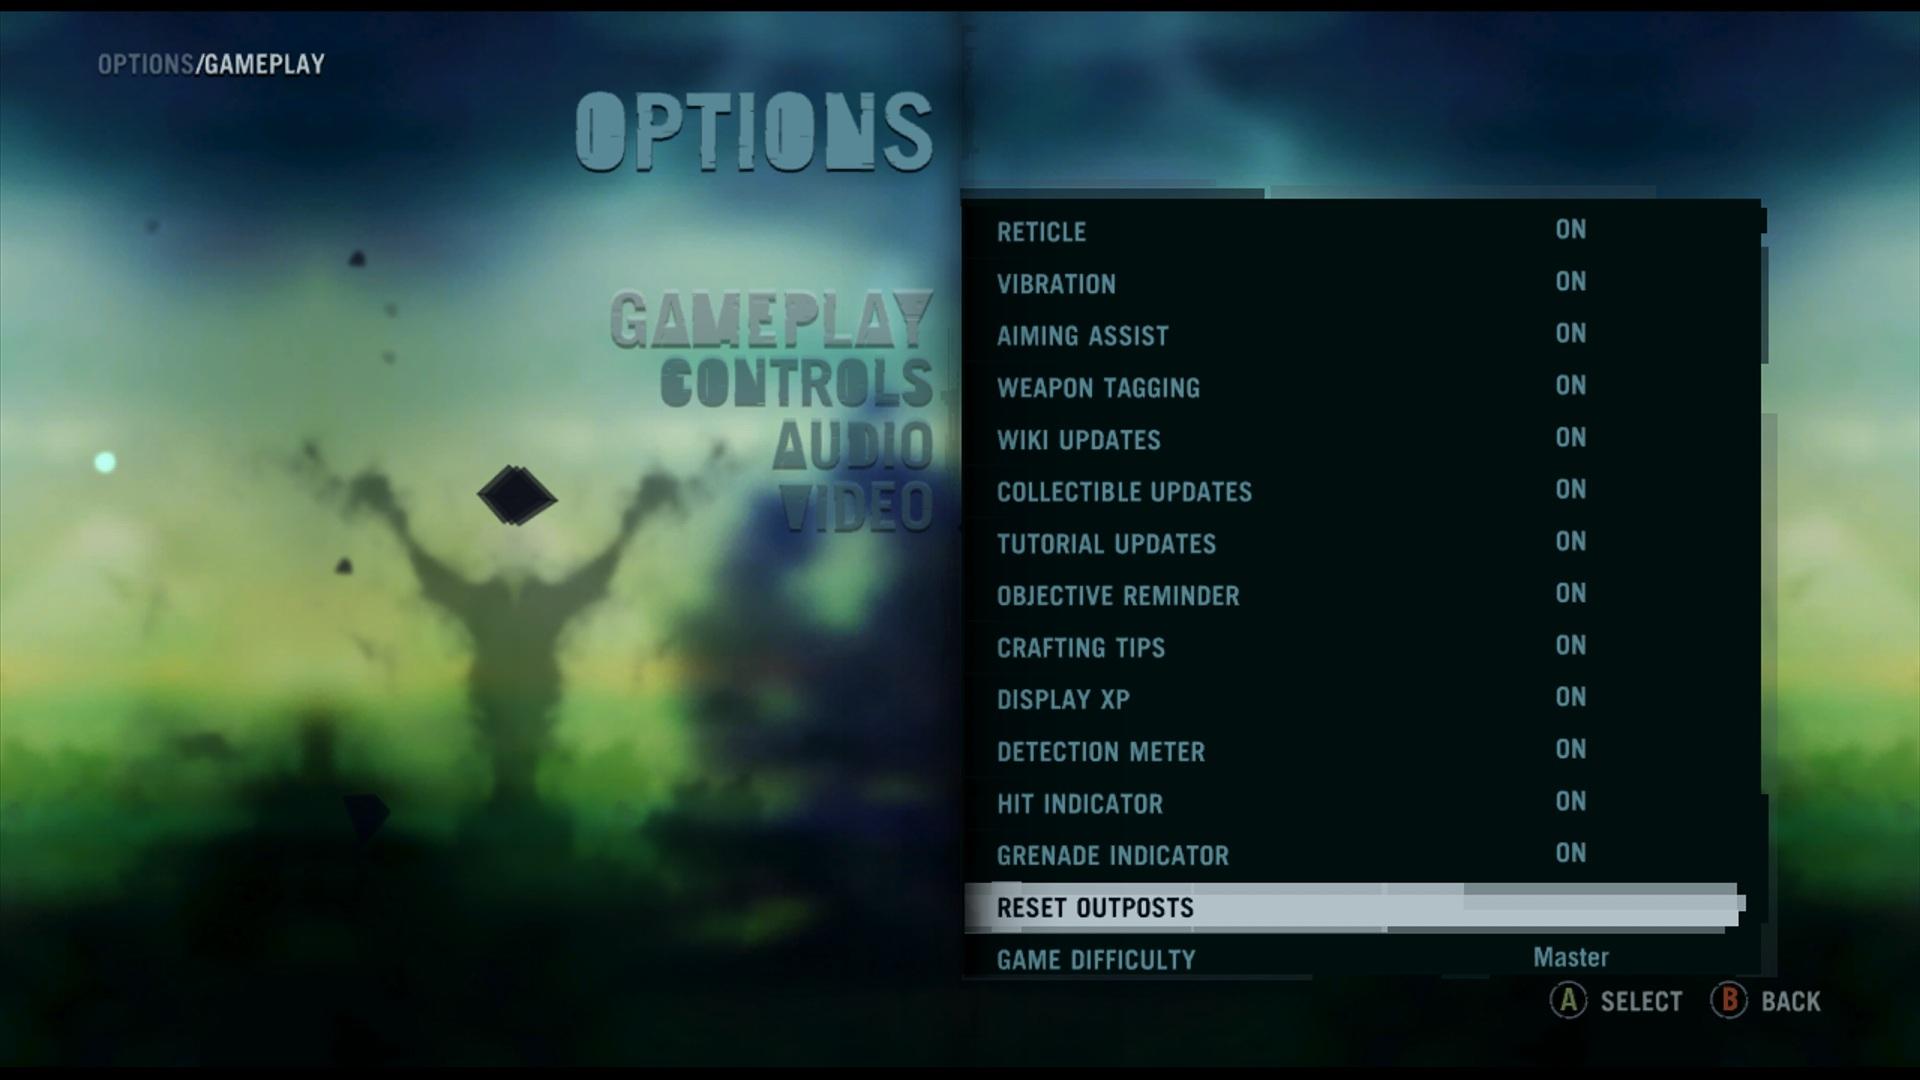 Opcja resetowania posterunków i nowy poziom trudności wkrótce w Far Cry 3 - obrazek 2